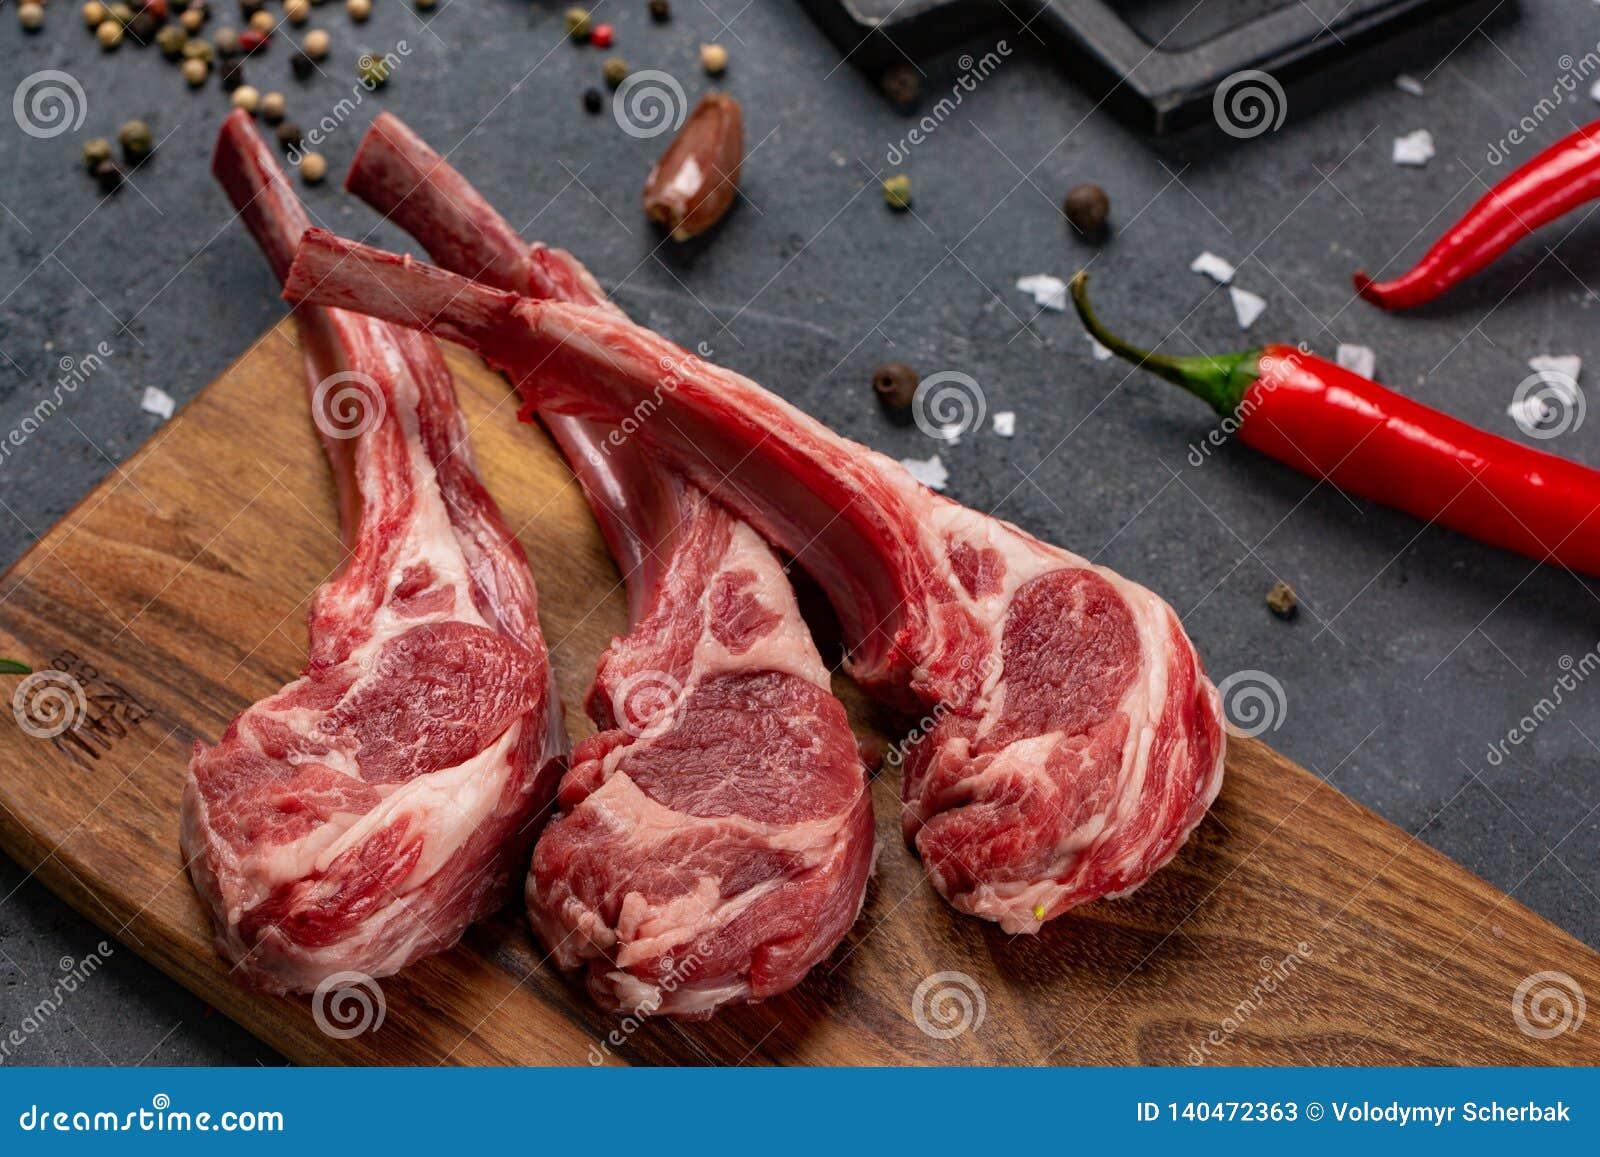 Surowy mięso na kości z chili i pikantność, czarny tło dla gotować z kopii przestrzenią, odgórny widok